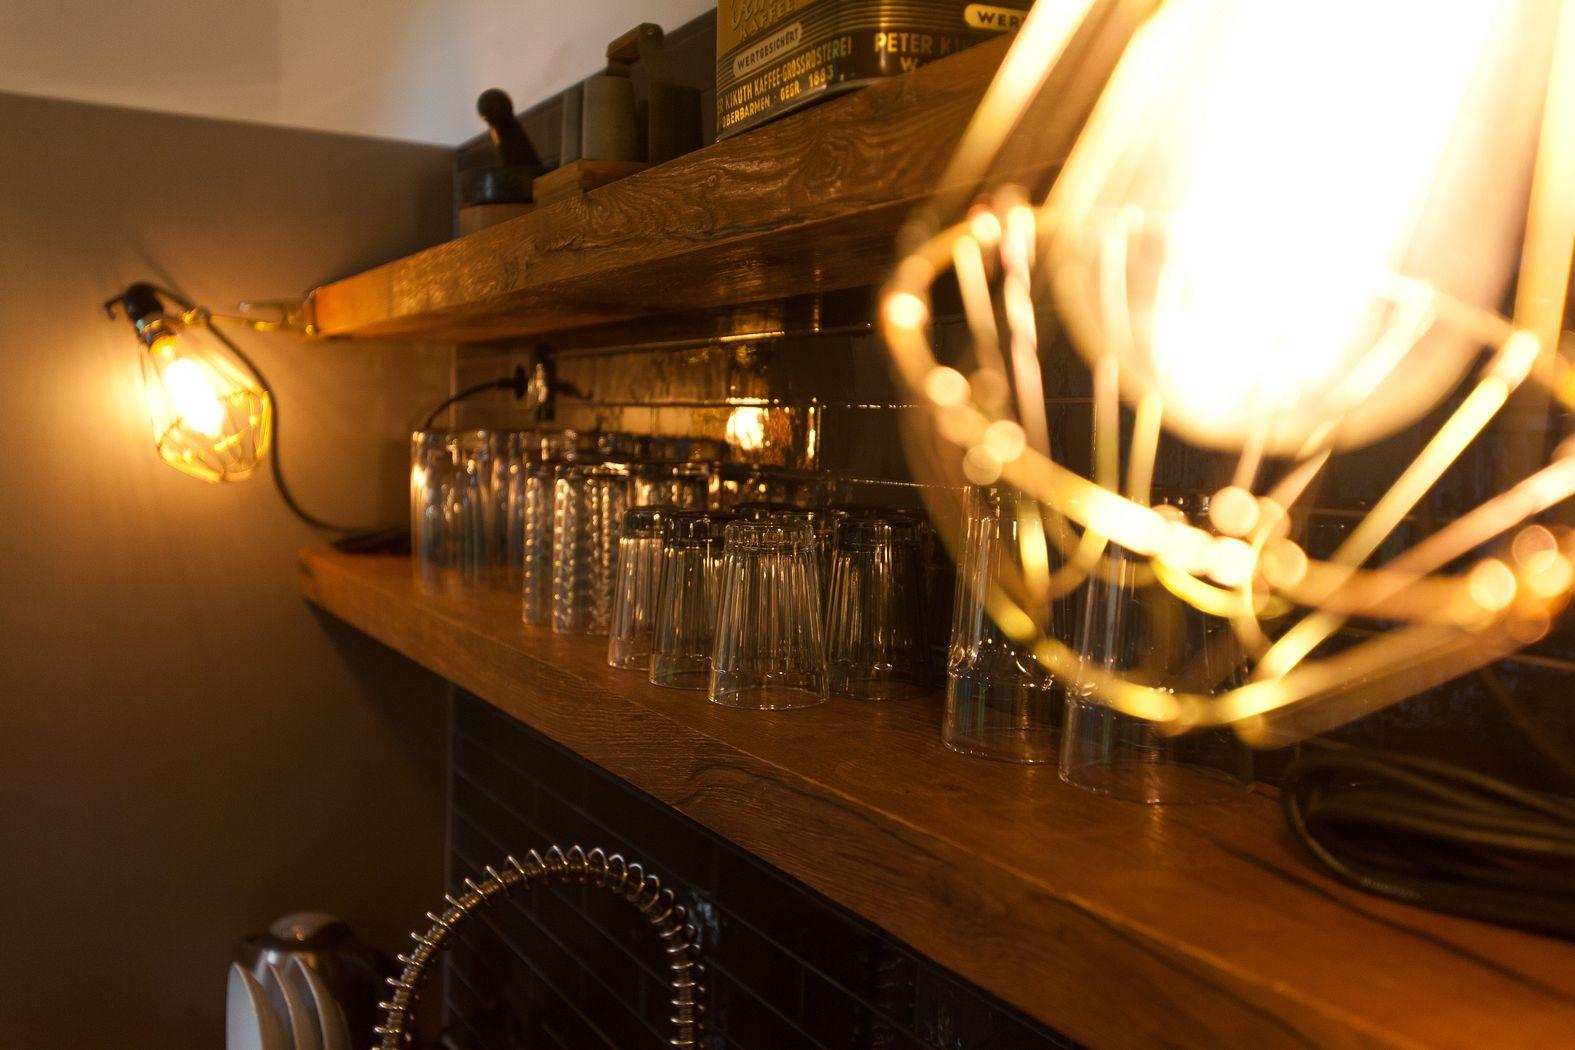 Full Size of Kchenbeleuchtung Das Optimale Licht Und Lampen Fr Kche Wanduhr Küche Einbauküche Mit Elektrogeräten Bodenbelag Weiße Lampe Badezimmer Lieferzeit Wohnzimmer Landhaus Küche Lampe